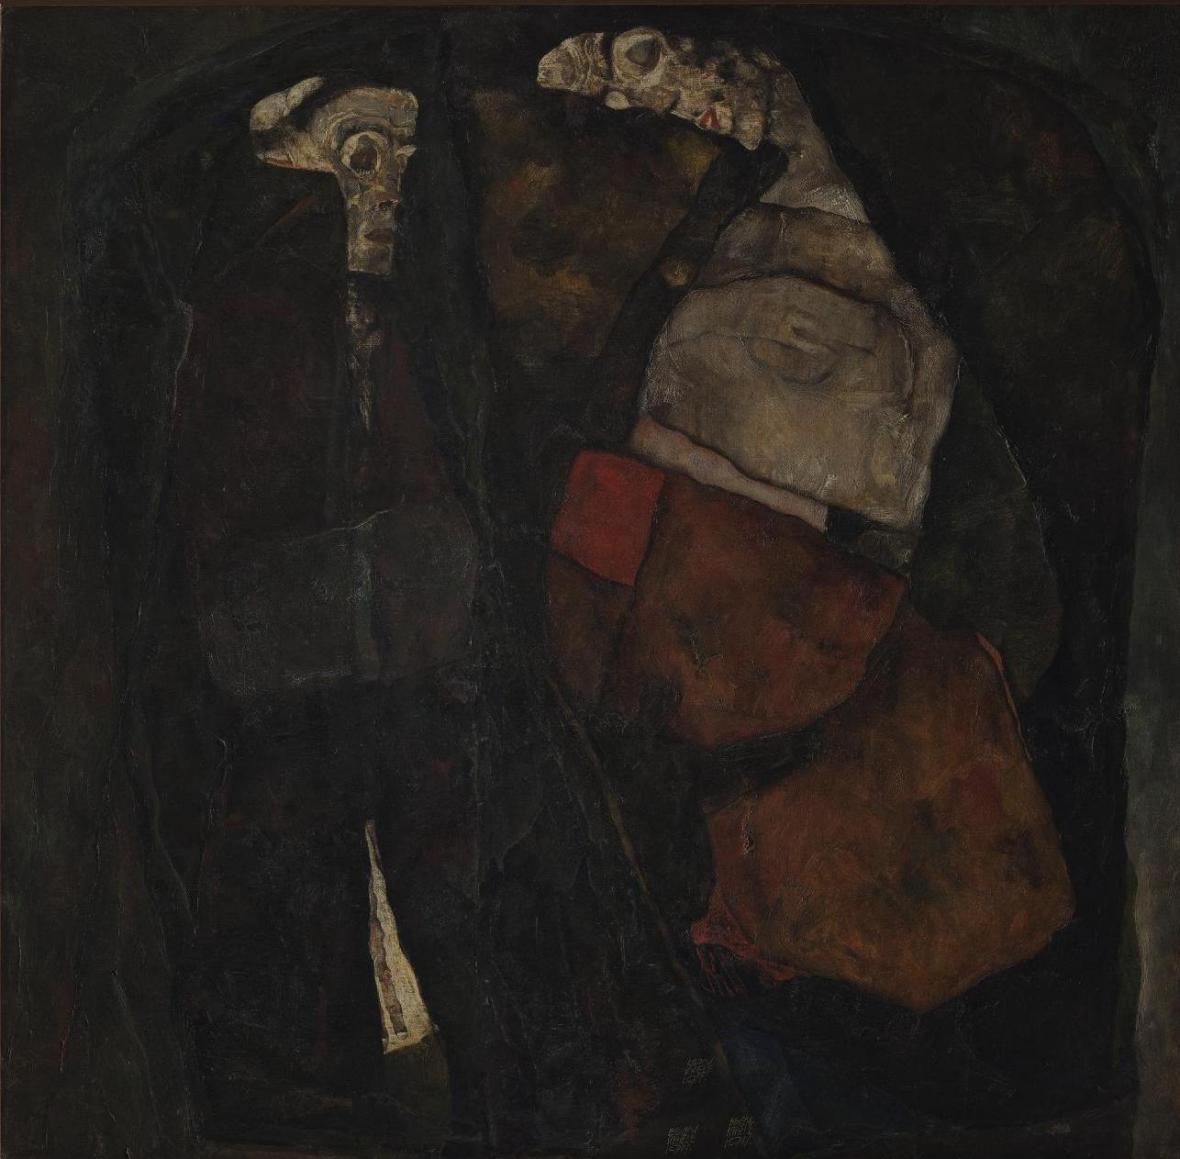 Egon Schiele / Těhotná žena a smrt, 1911